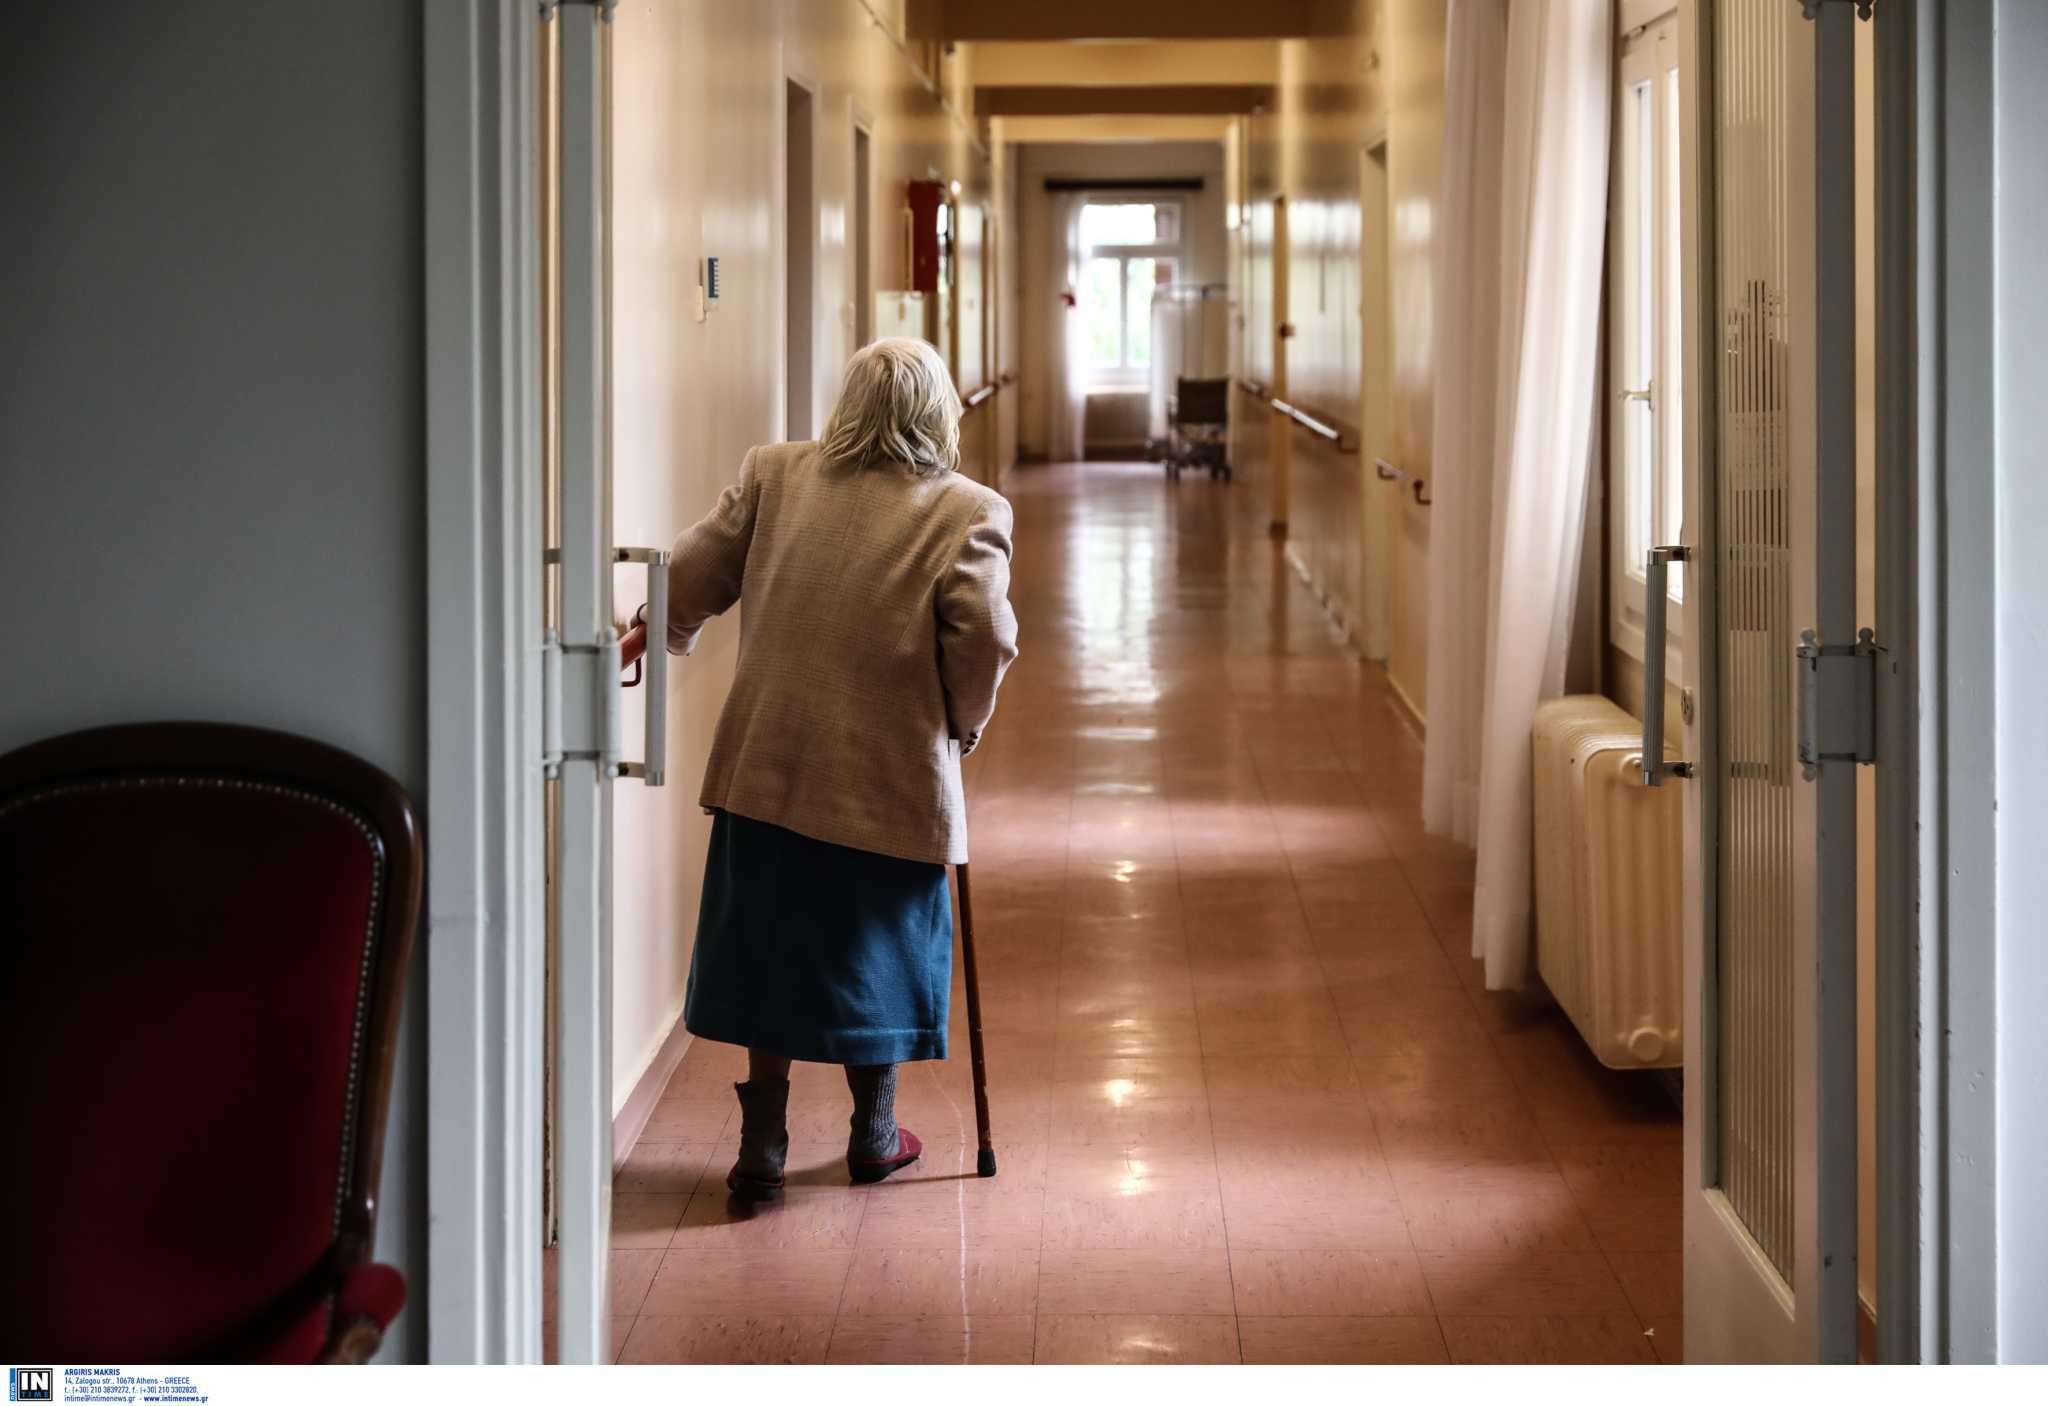 Κορονοϊός: Σε αναστολή εργασίας 10 ανεμβολίαστοι εργαζόμενοι στο γηροκομείο Βόλου